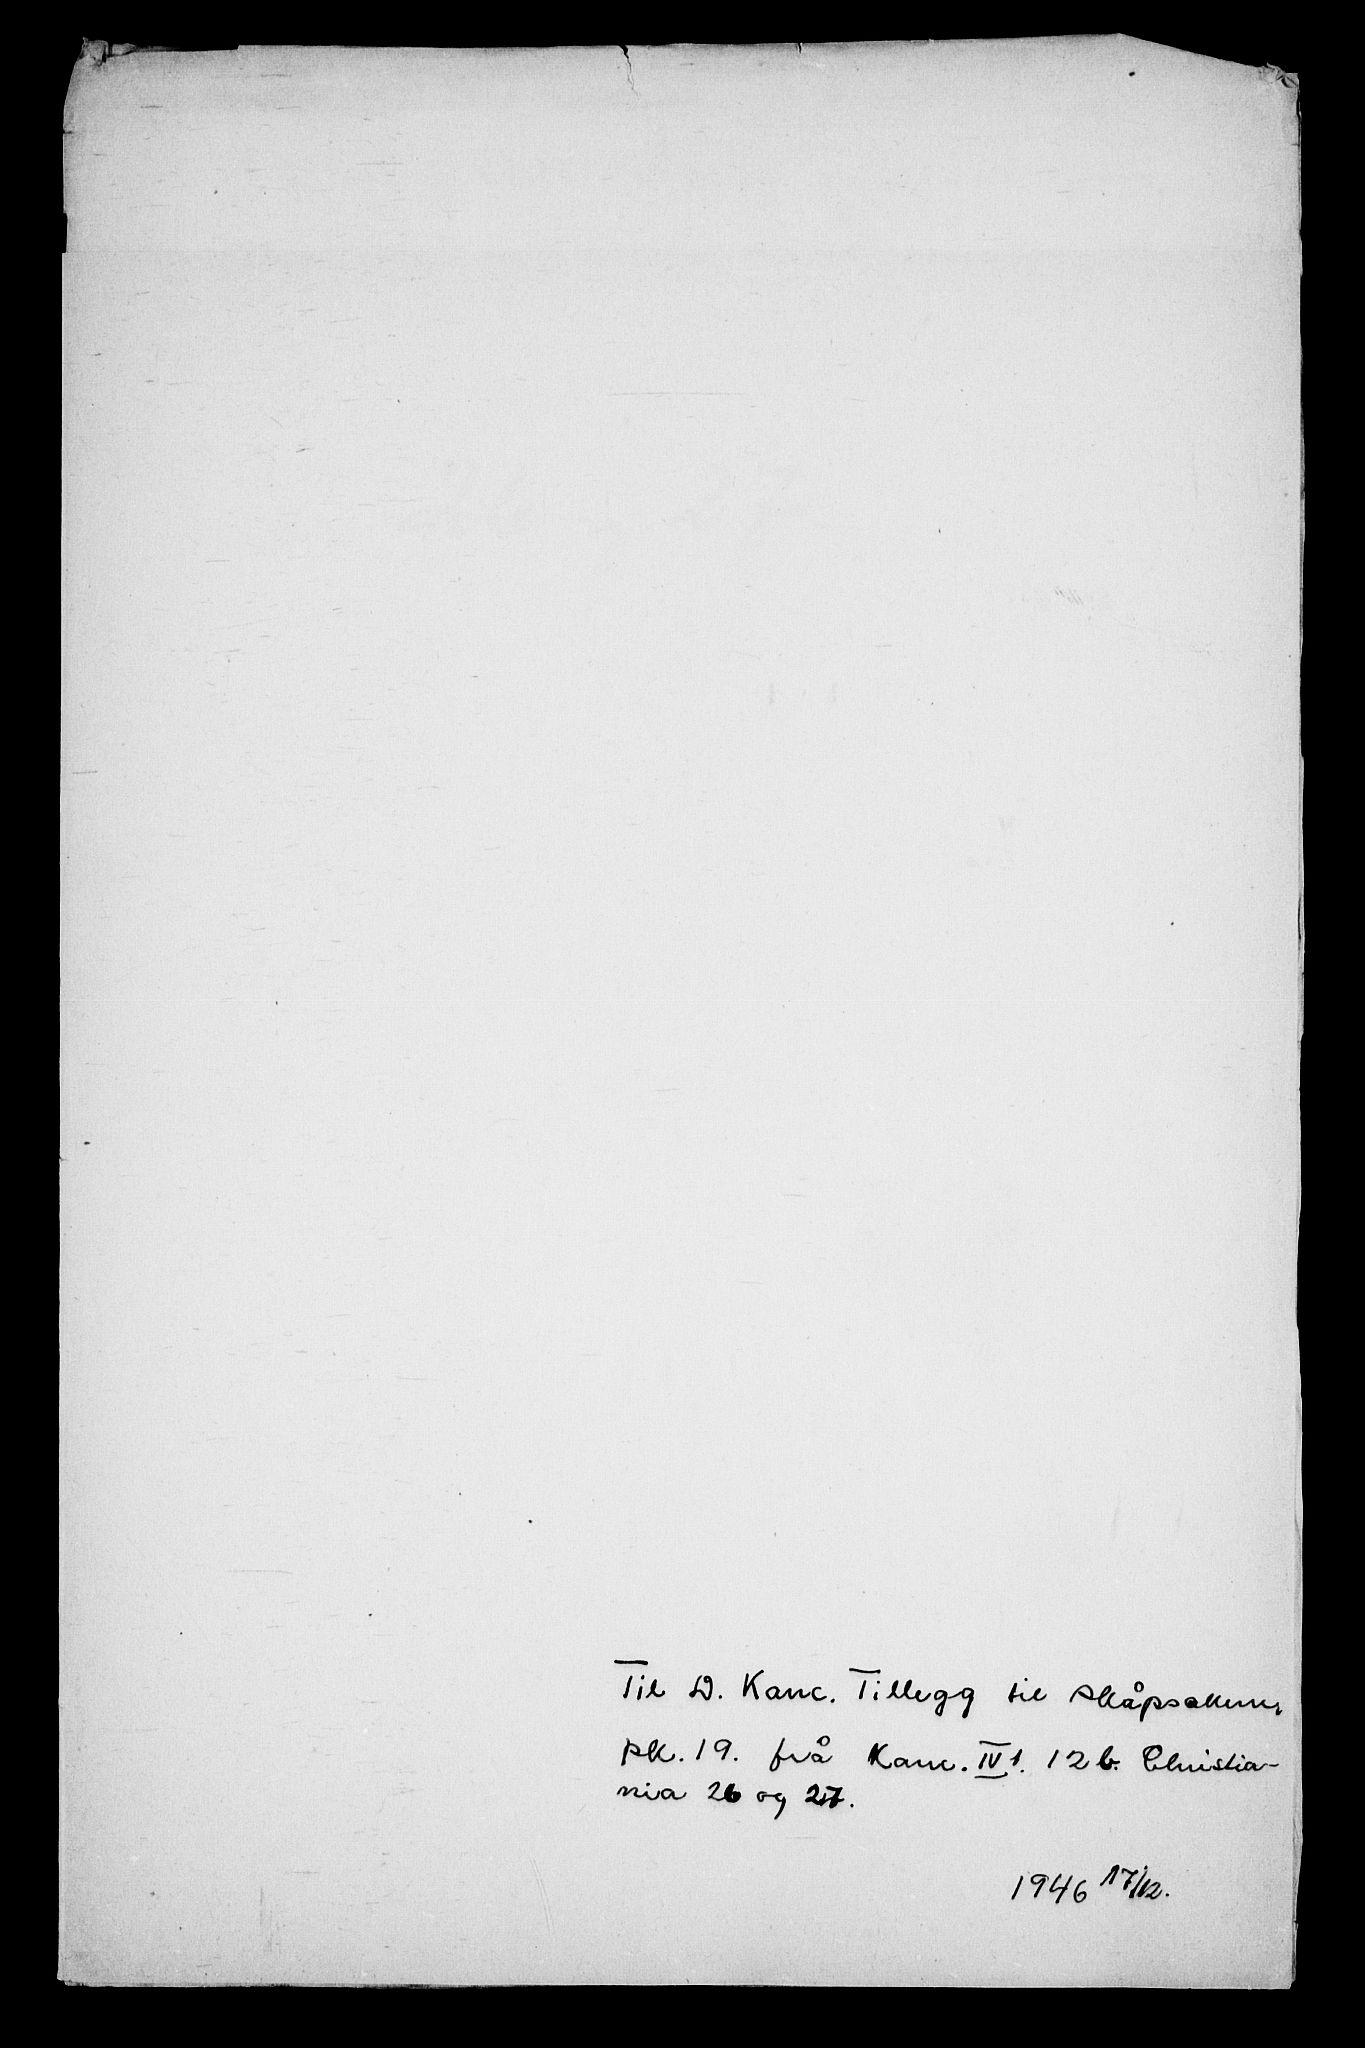 RA, Danske Kanselli, Skapsaker, G/L0019: Tillegg til skapsakene, 1616-1753, p. 393